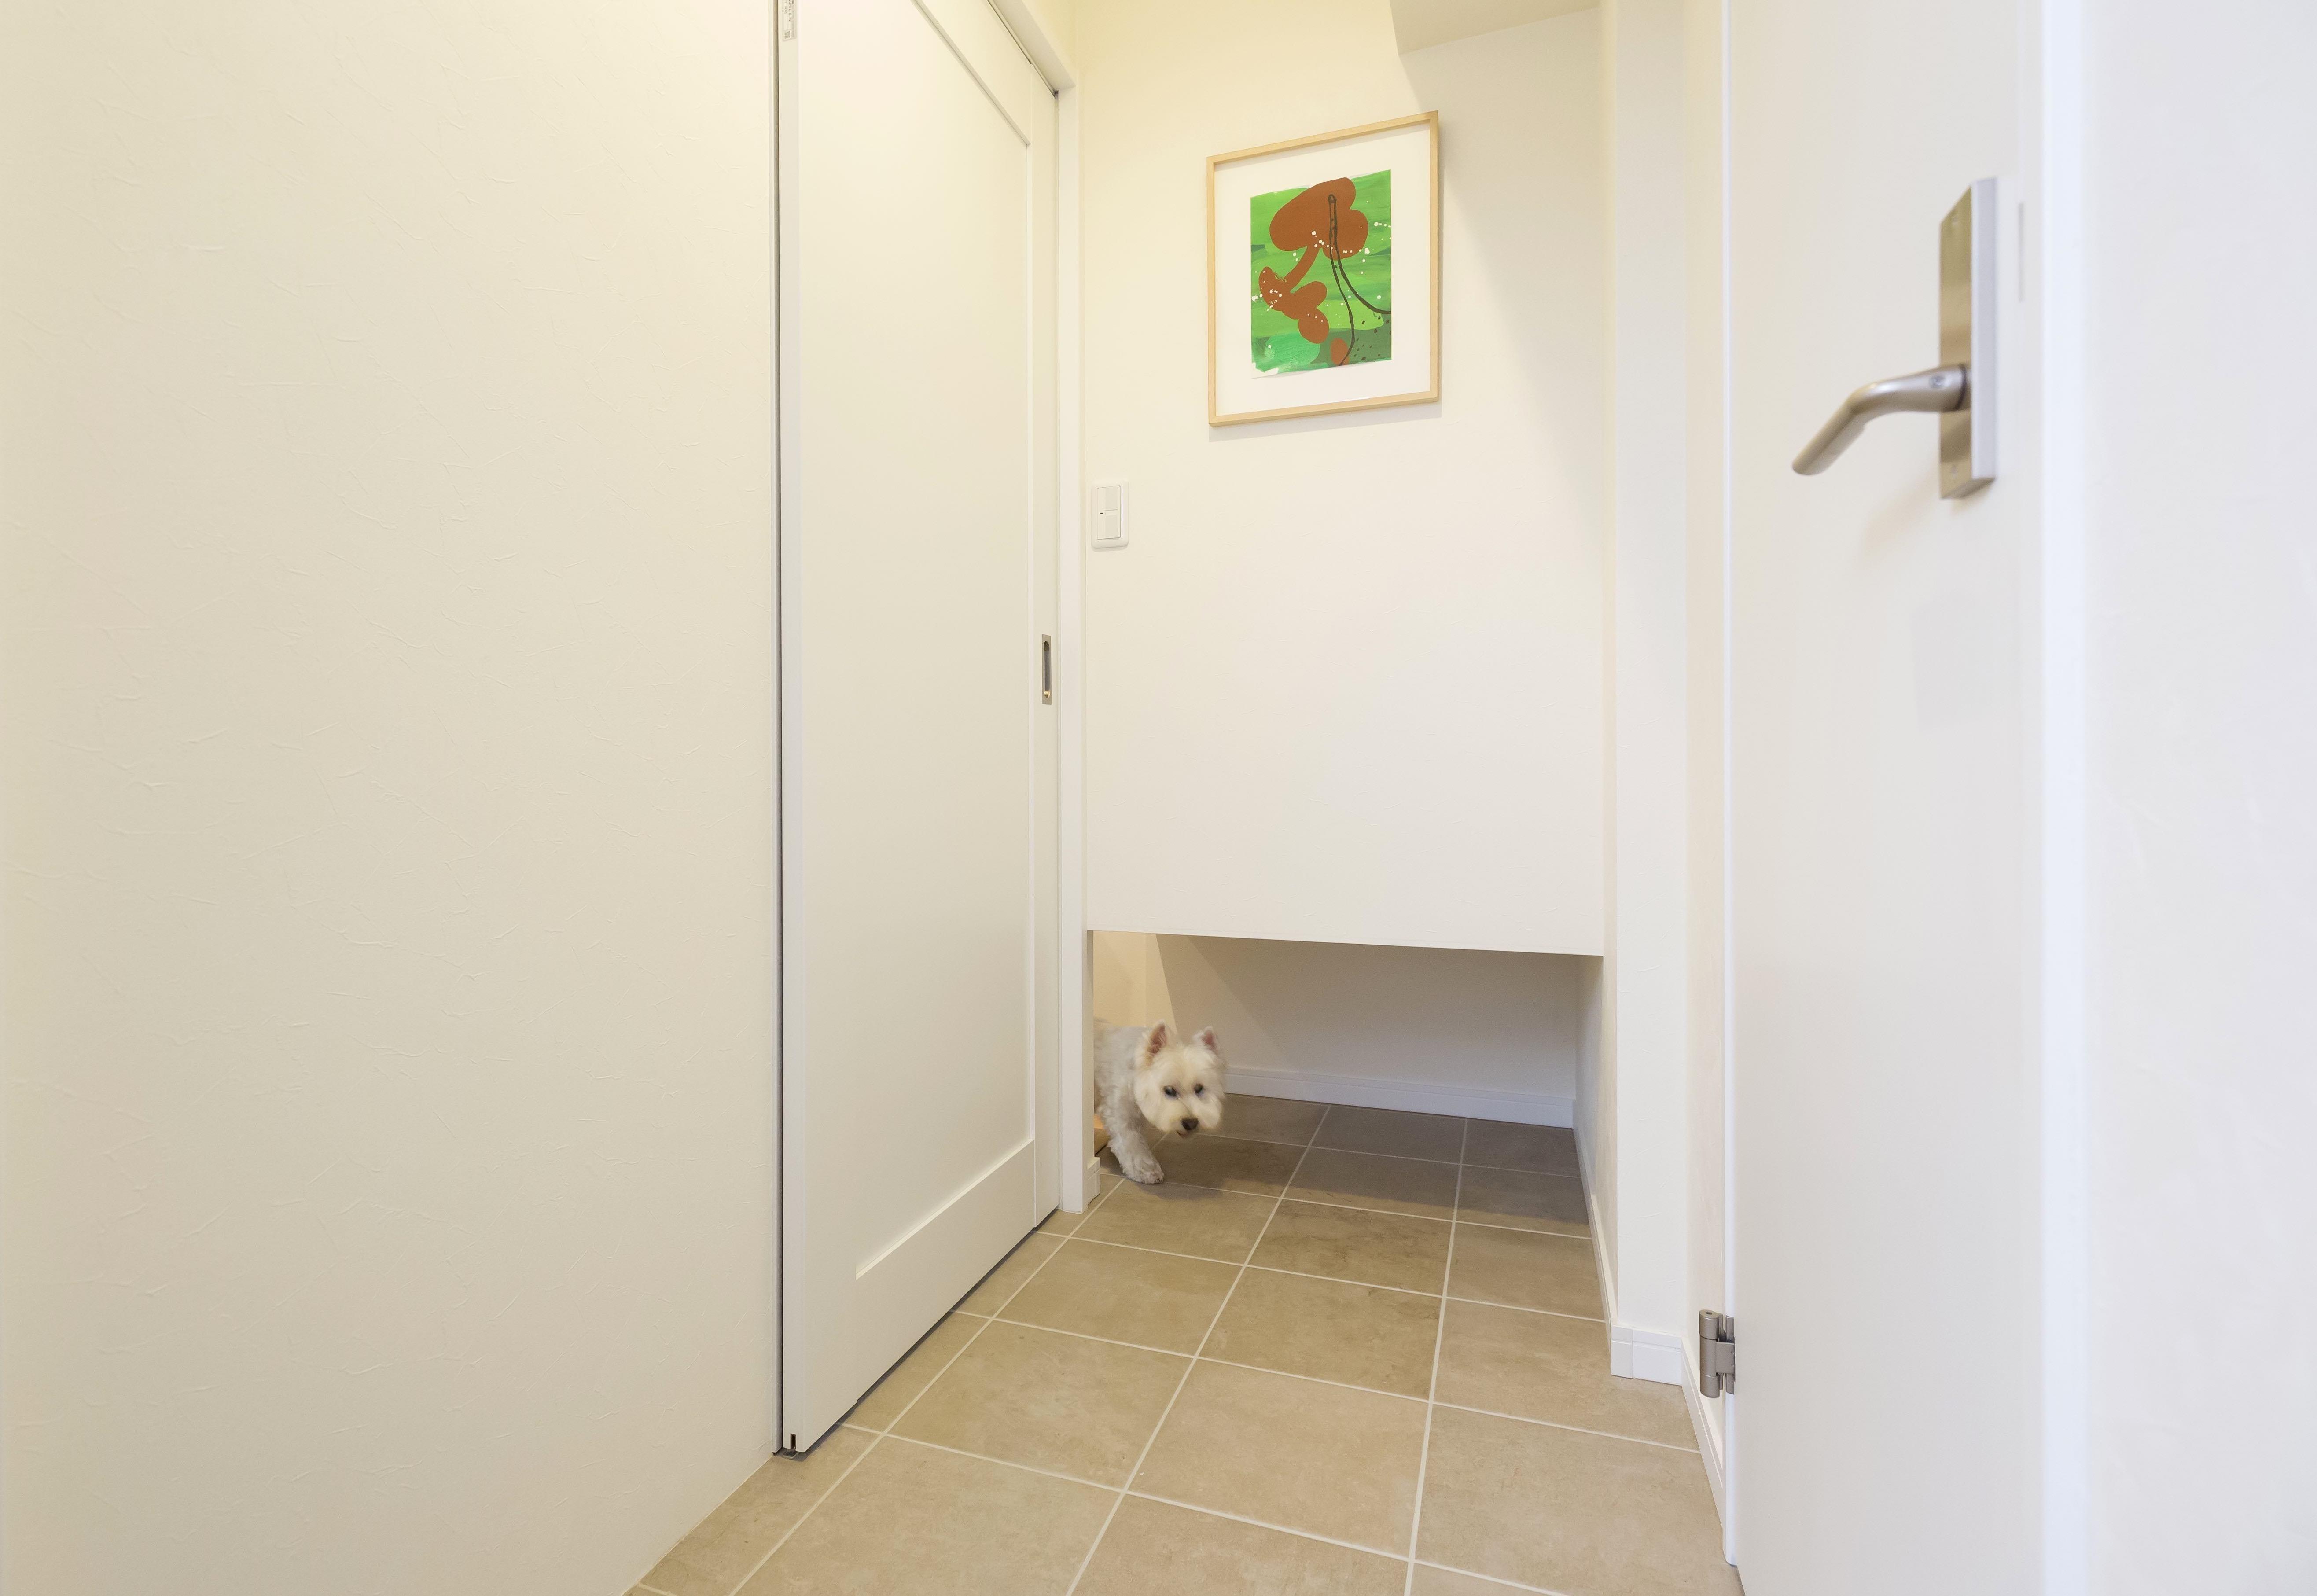 玄関事例:扉を閉めていても出入り自由なペットスペース(愛犬と暮らす心地よい無垢床の暮らし。大人のリノベーション)